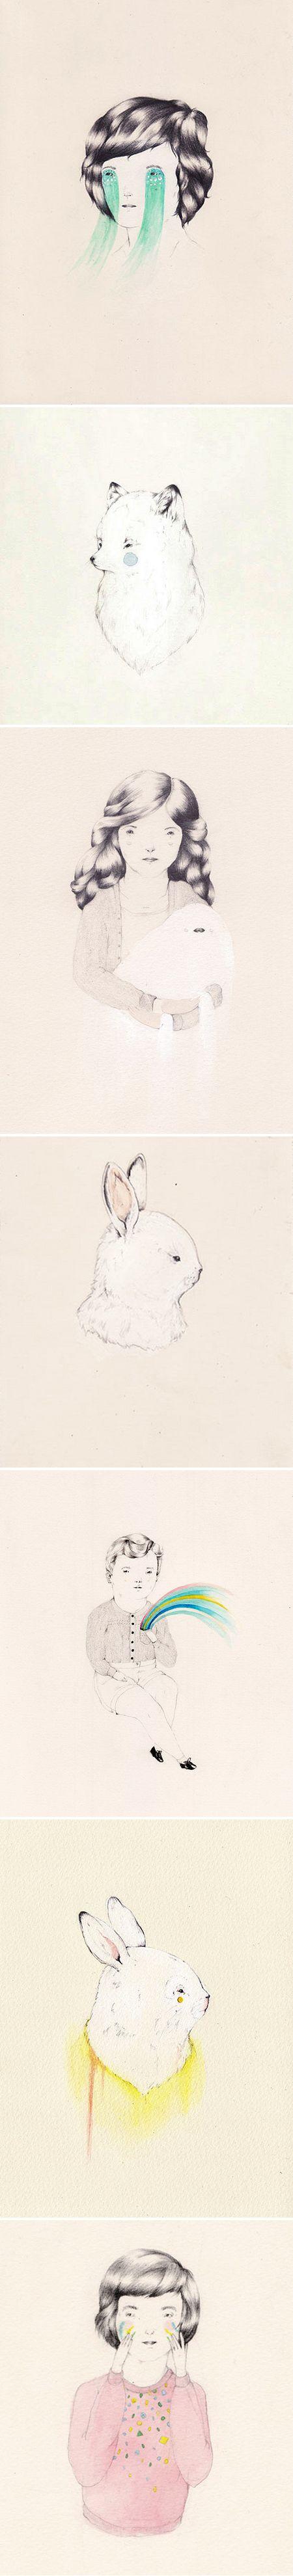 .sweet drawings